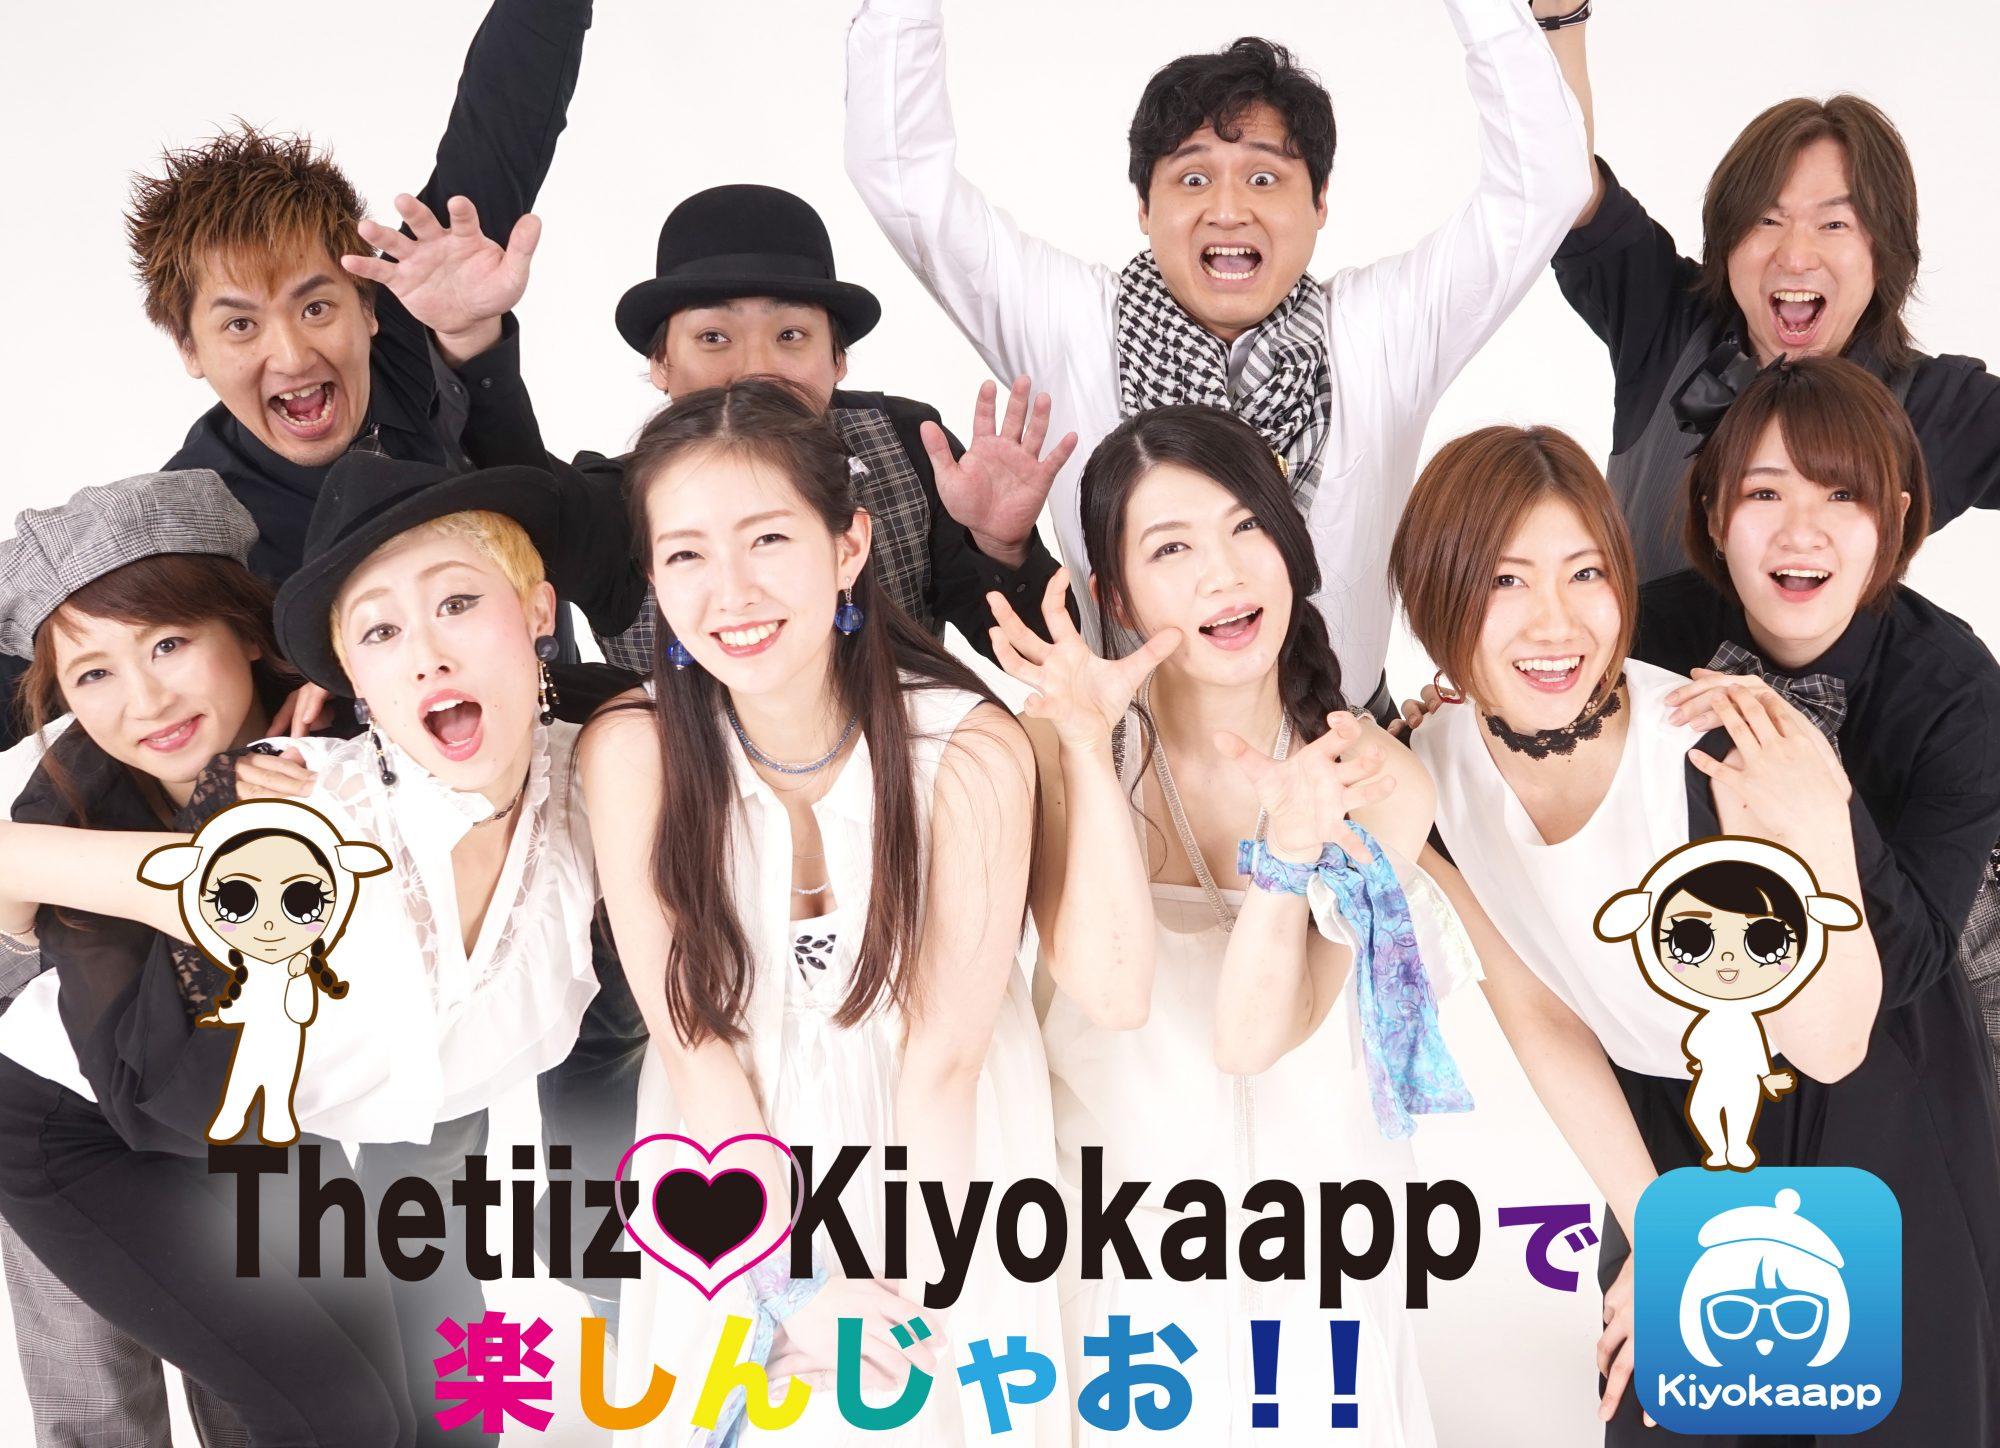 Thetiiz♥Kiyokaappで楽しんじゃお!!